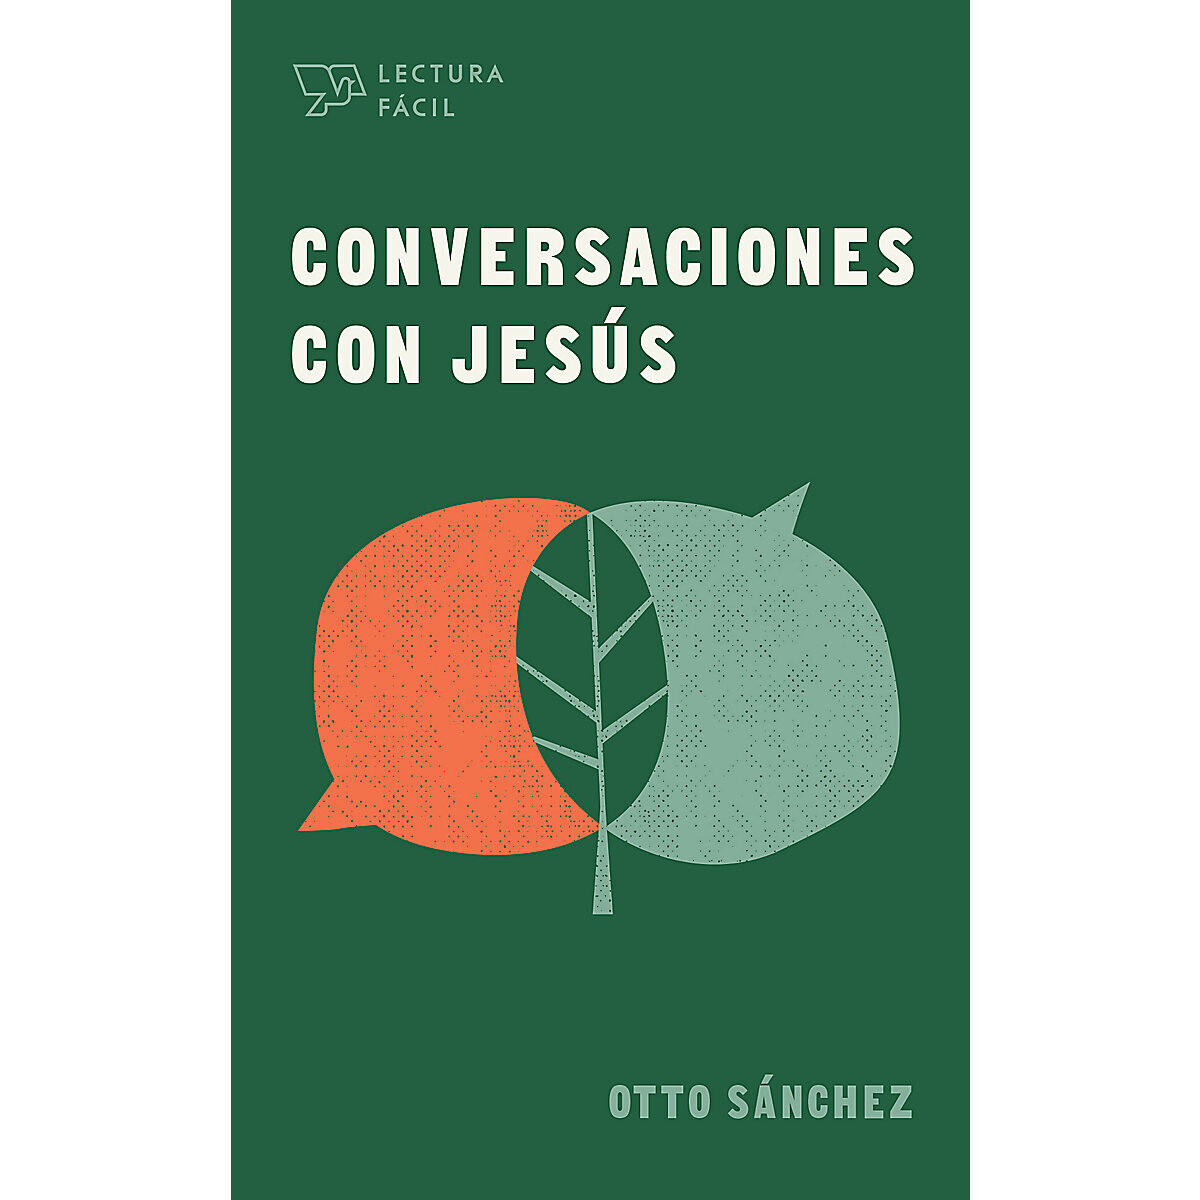 CONVERSACIONES CON JESÚS